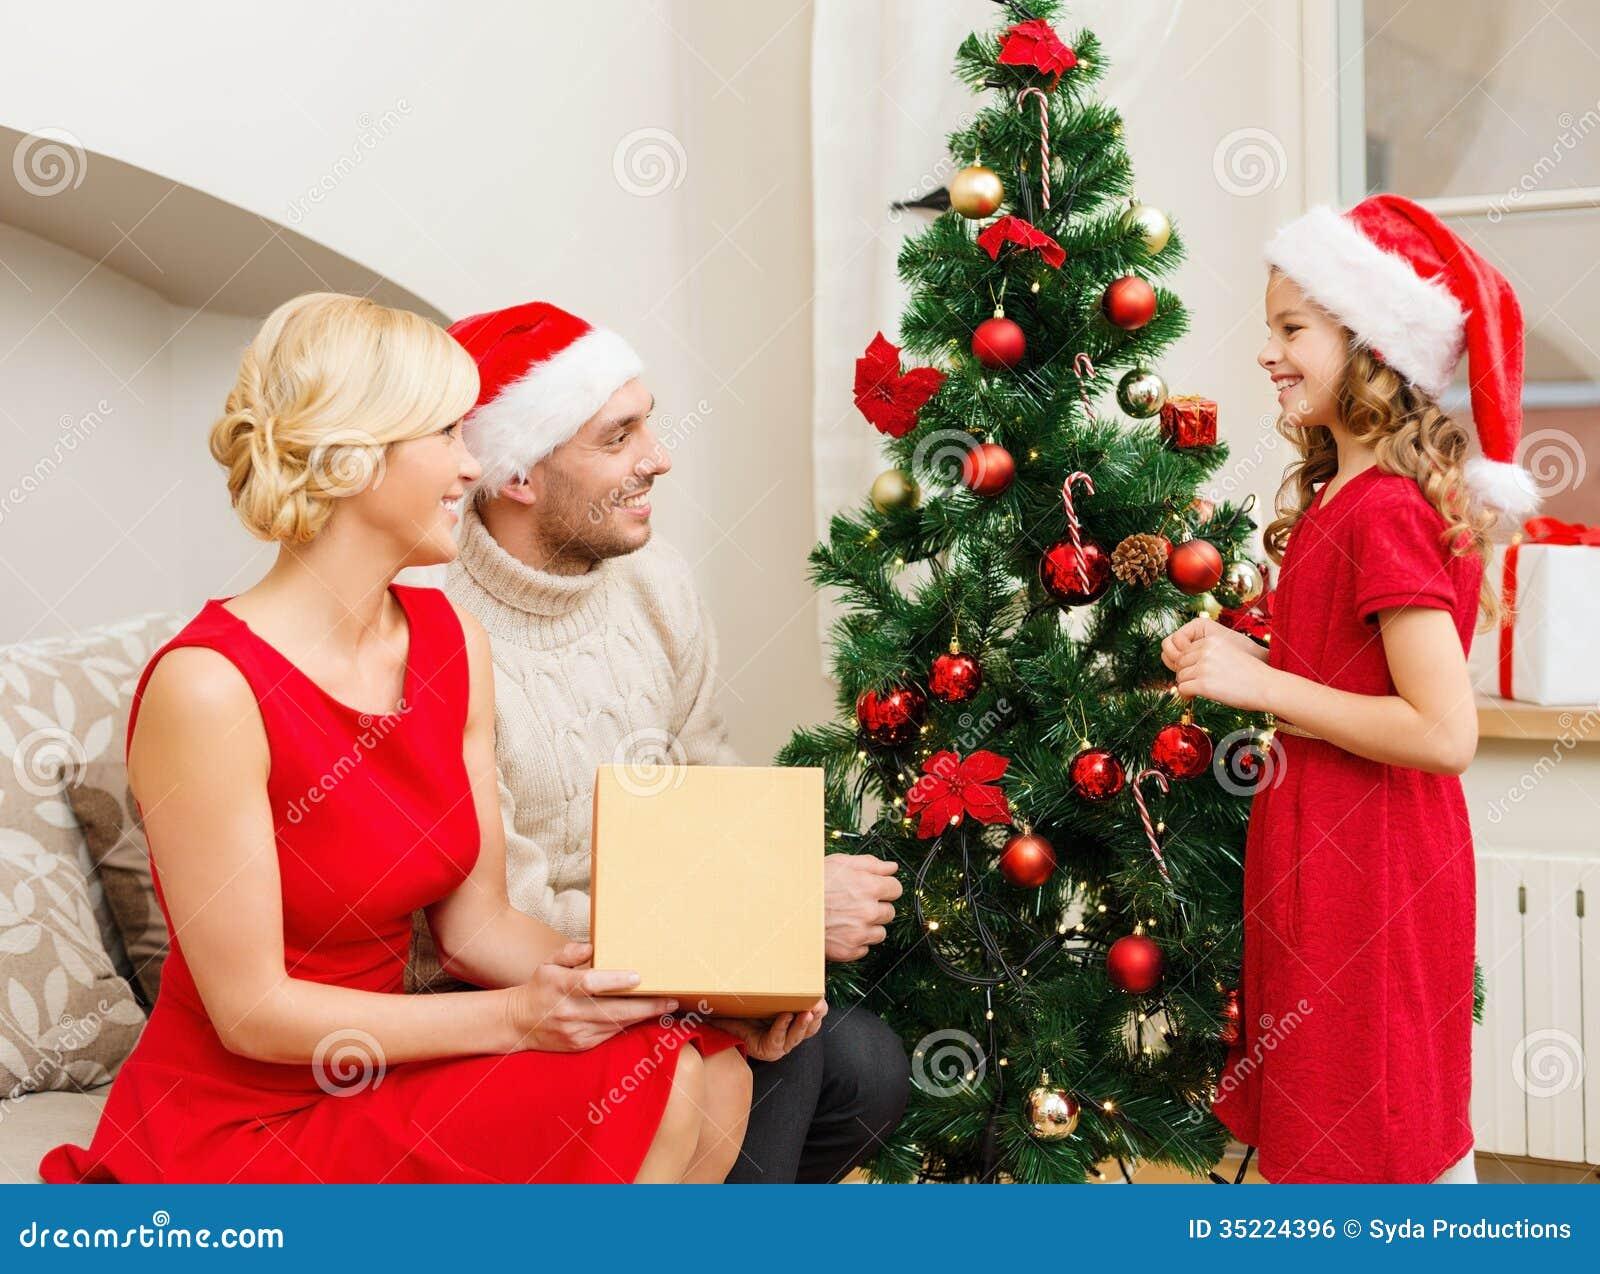 People Decorating A Christmas Tree u555u | images: family decorating christmas tree